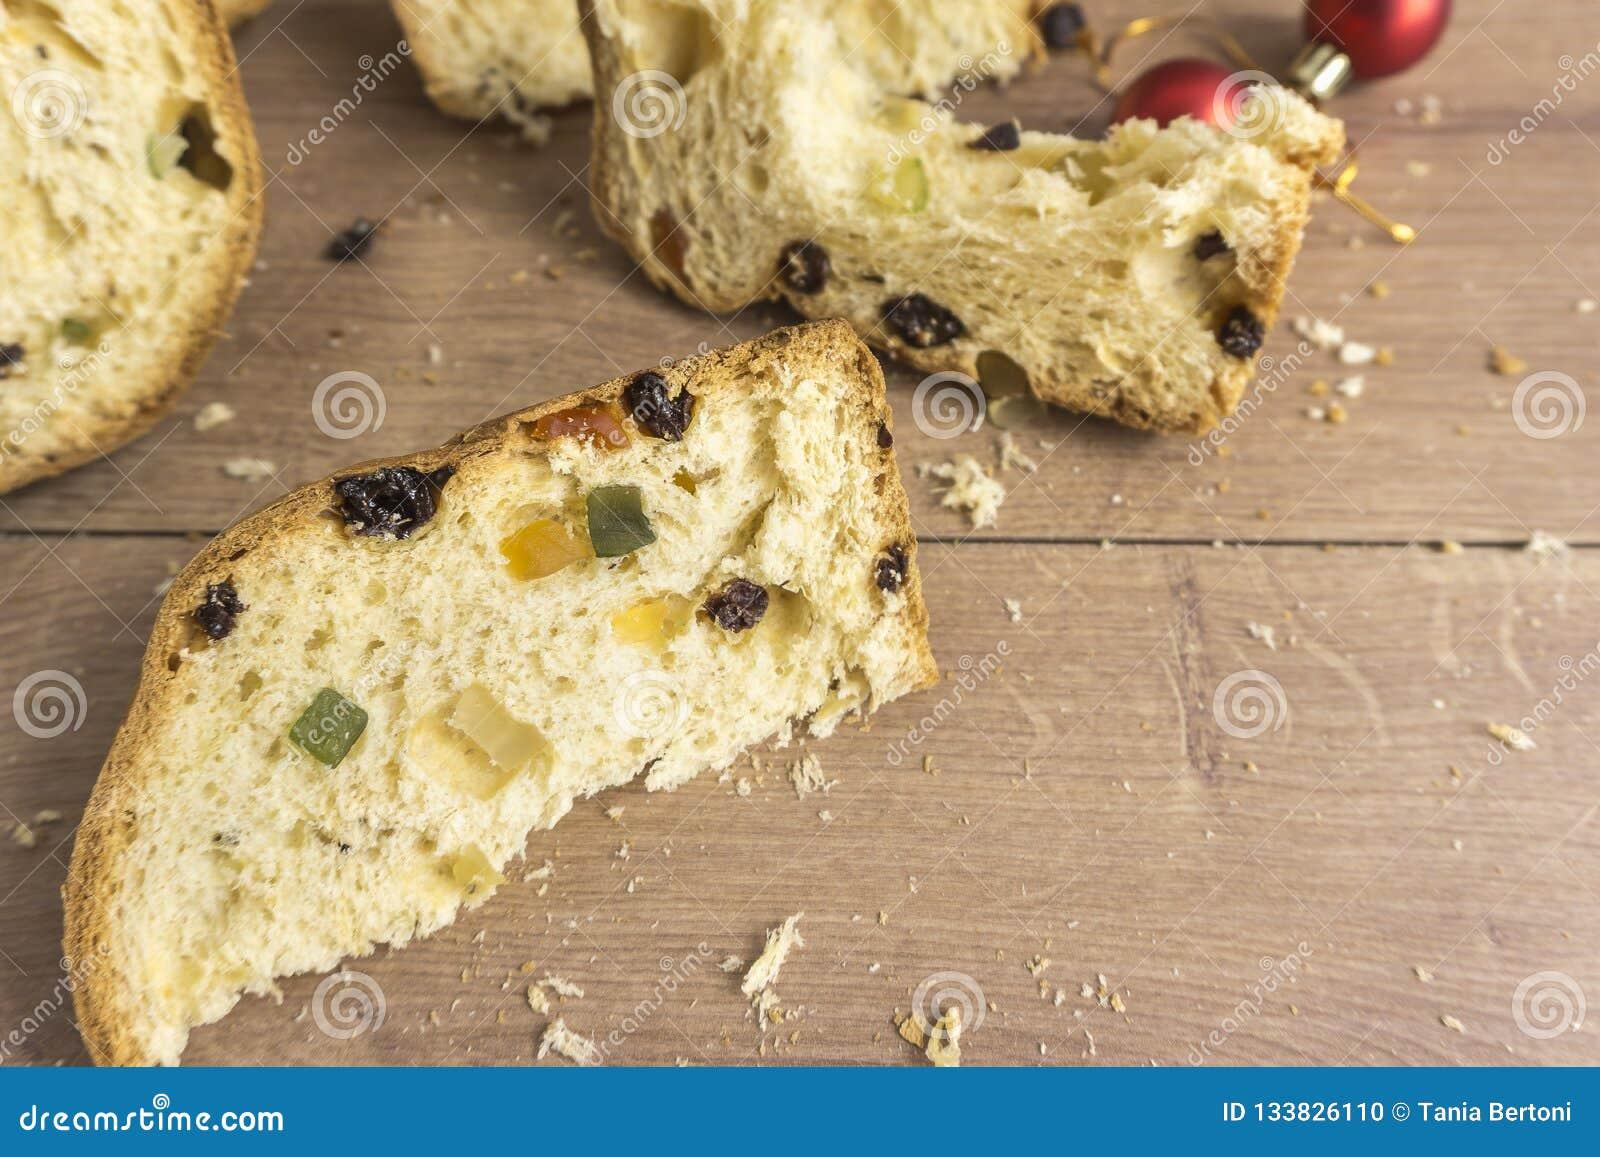 Fatias de sobremesa italiana tradicional do Natal